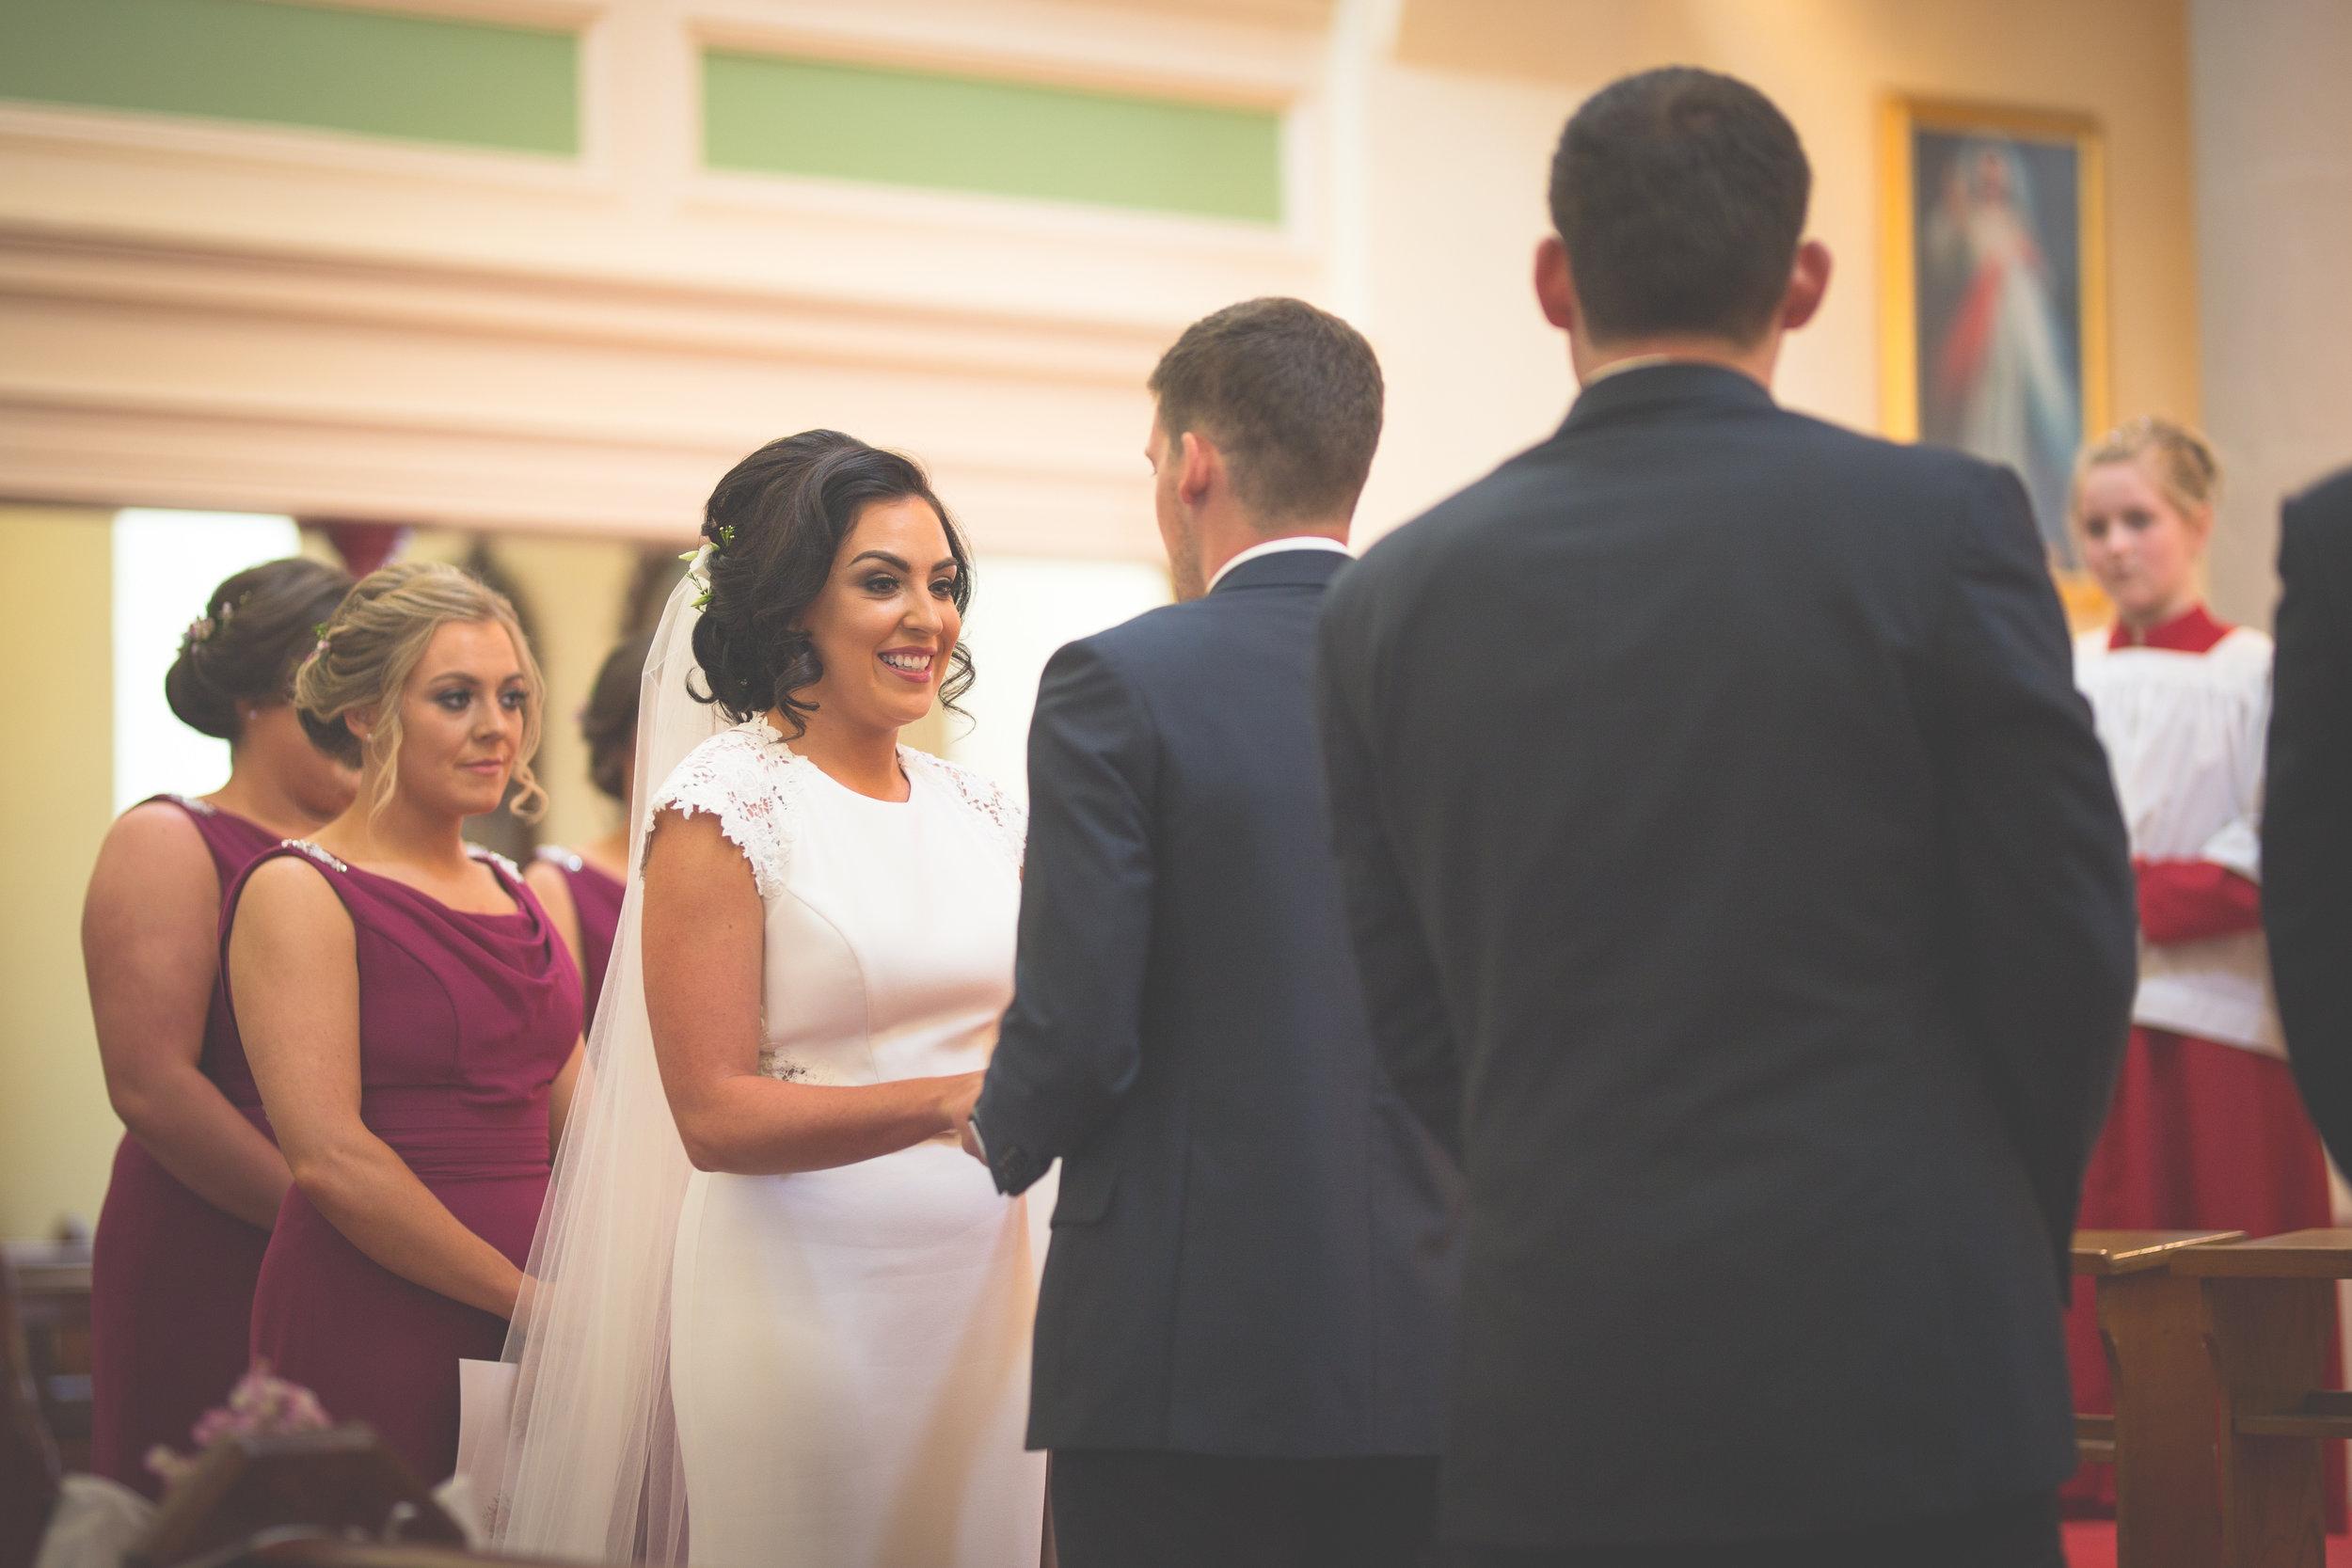 Brian McEwan Wedding Photography   Carol-Anne & Sean   The Ceremony-44.jpg